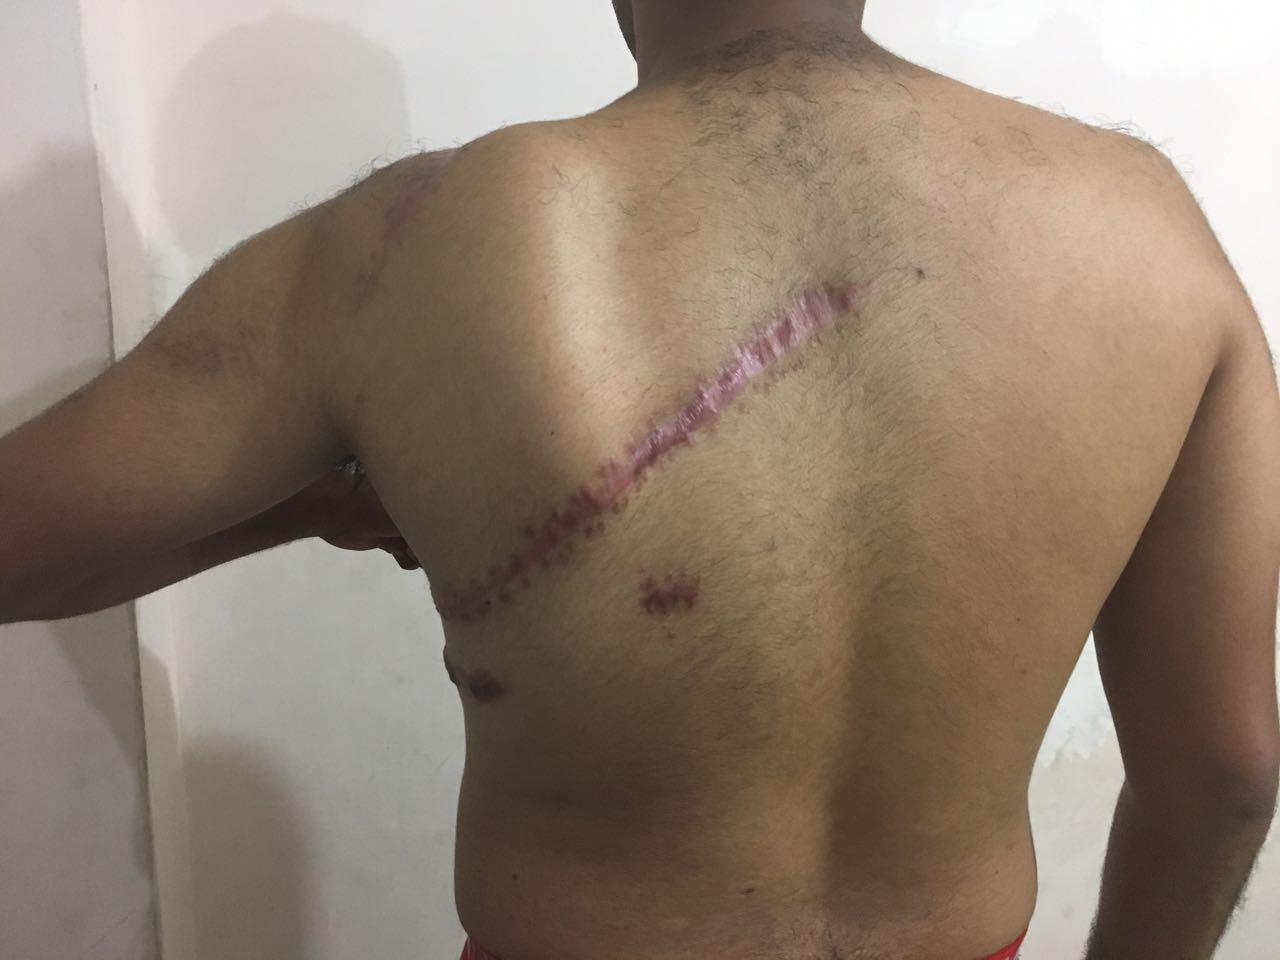 Habla Josue Veliz, la víctima de ataques con cuchillo en estadio de Barcelona (entrevista de audio)